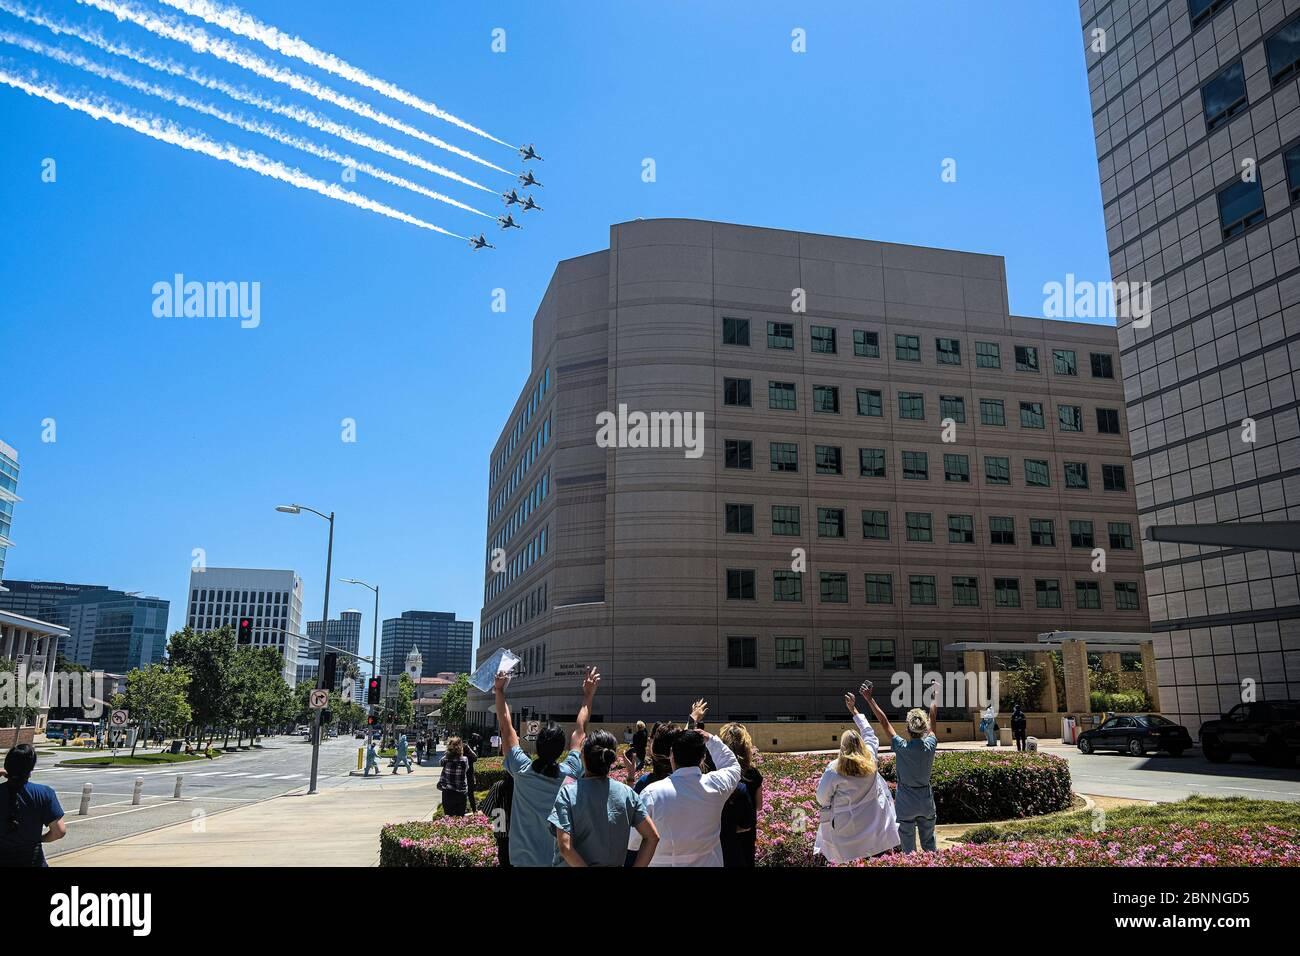 Les Thunderbirds de l'US Air Force s'ébayent au-dessus de Westwood pour saluer les travailleurs de la santé, les premiers intervenants et les autres travailleurs essentiels en première ligne pendant la pandémie du coronavirus. Six Faucon F16/D combattant les faucons ont volé en formation de précision devant les hôpitaux et les centres médicaux des comtés de L.A., d'Orange, de Riverside et de San Diego tout au long de l'après-midi. Banque D'Images